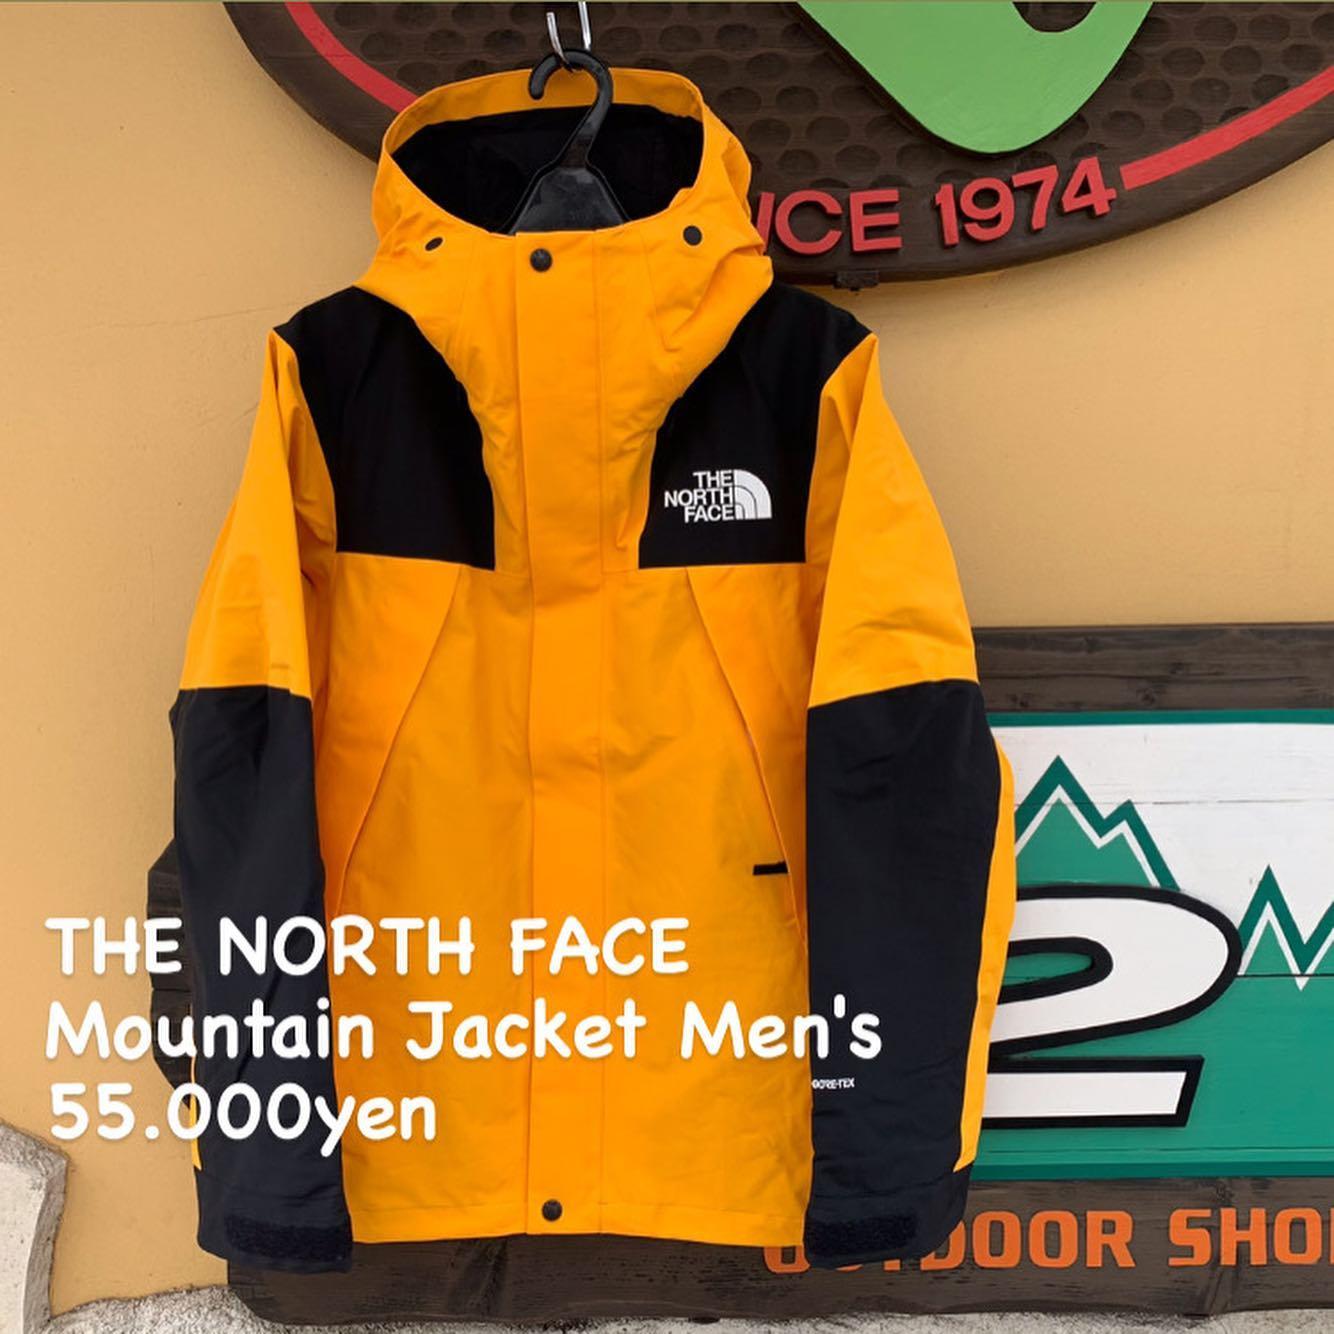 街でも山でも着たい方におすすめ『THE NORTH FACE マウンテンジャケット メンズ』のご紹介